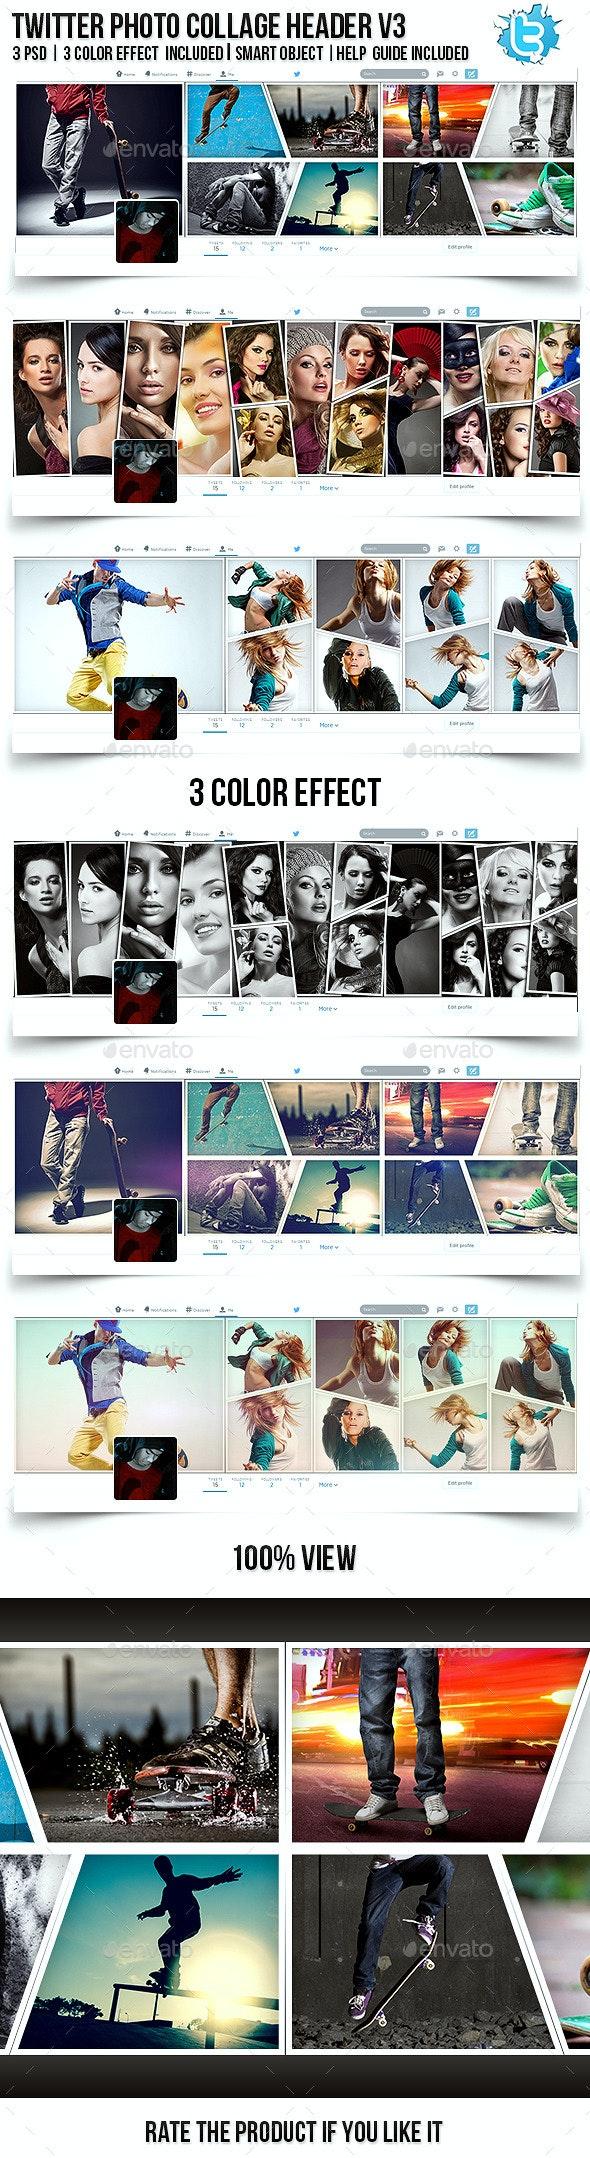 Twitter Photo Collage Header V3 - Twitter Social Media